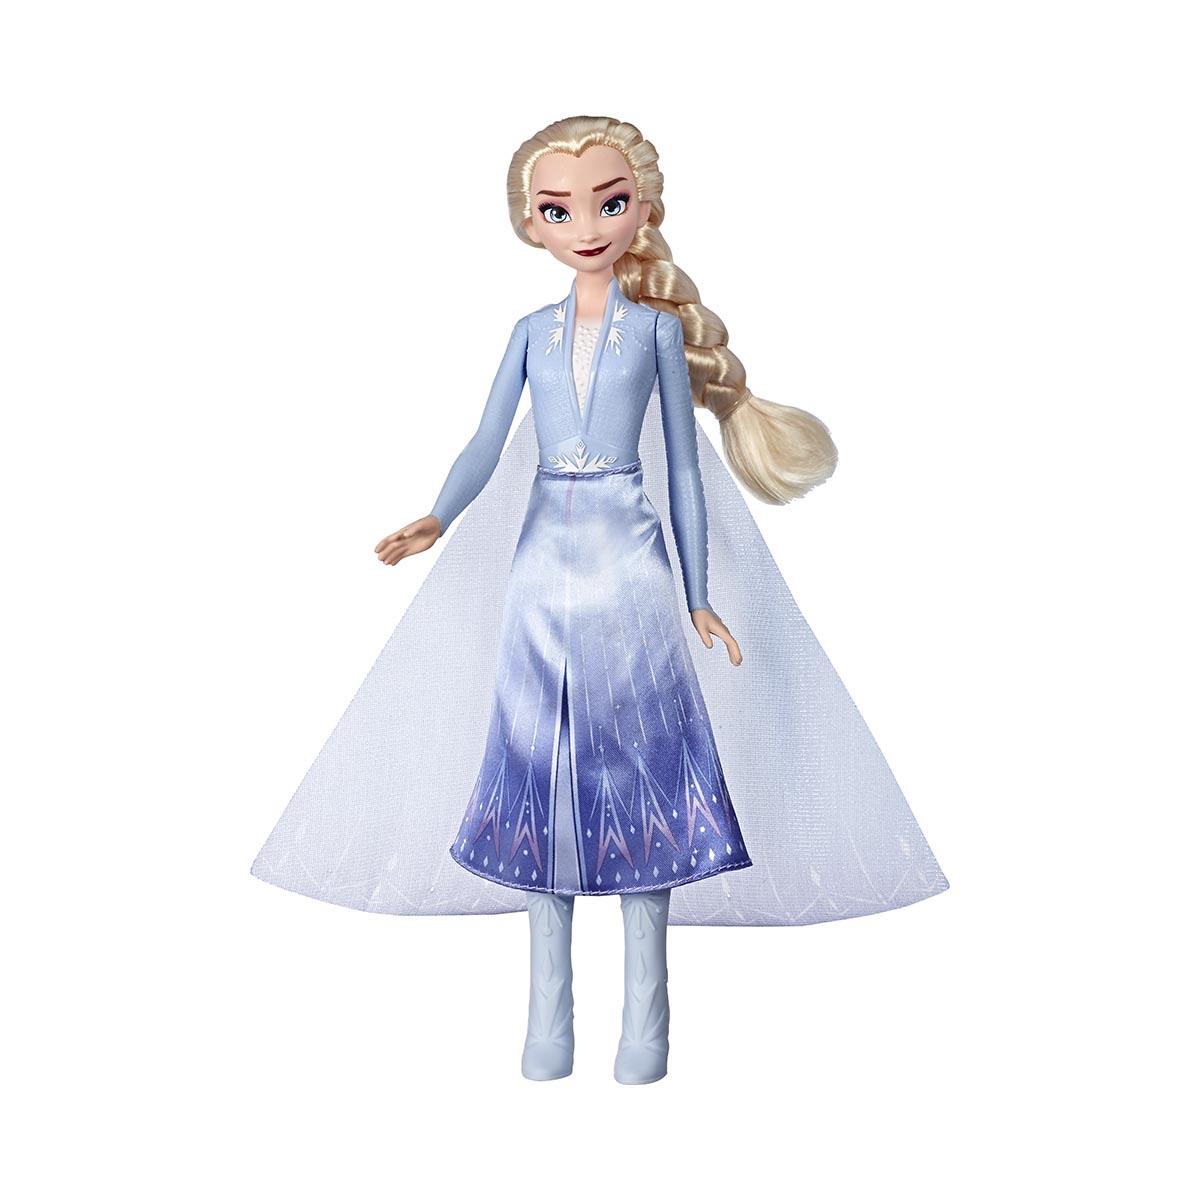 Papusa care lumineaza Elsa Disney Frozen 2